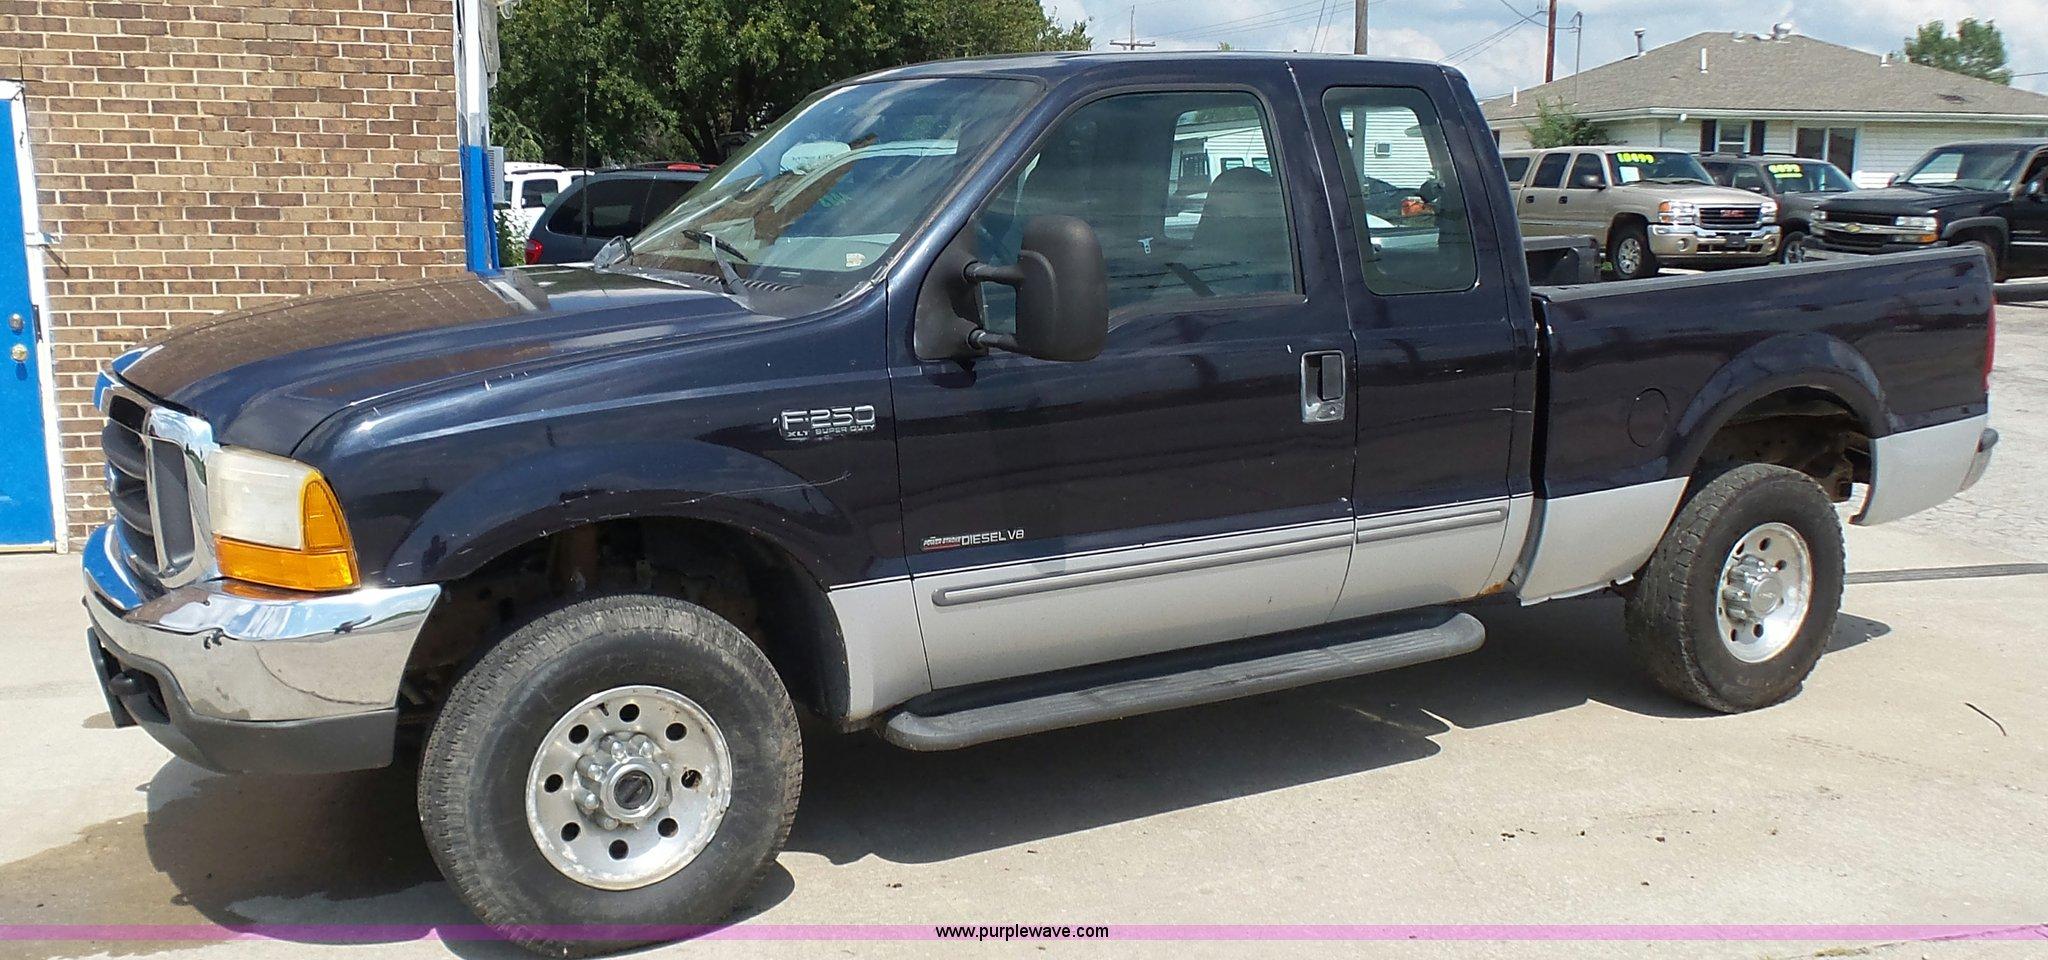 Av9858 image for item av9858 1999 ford f250 super duty